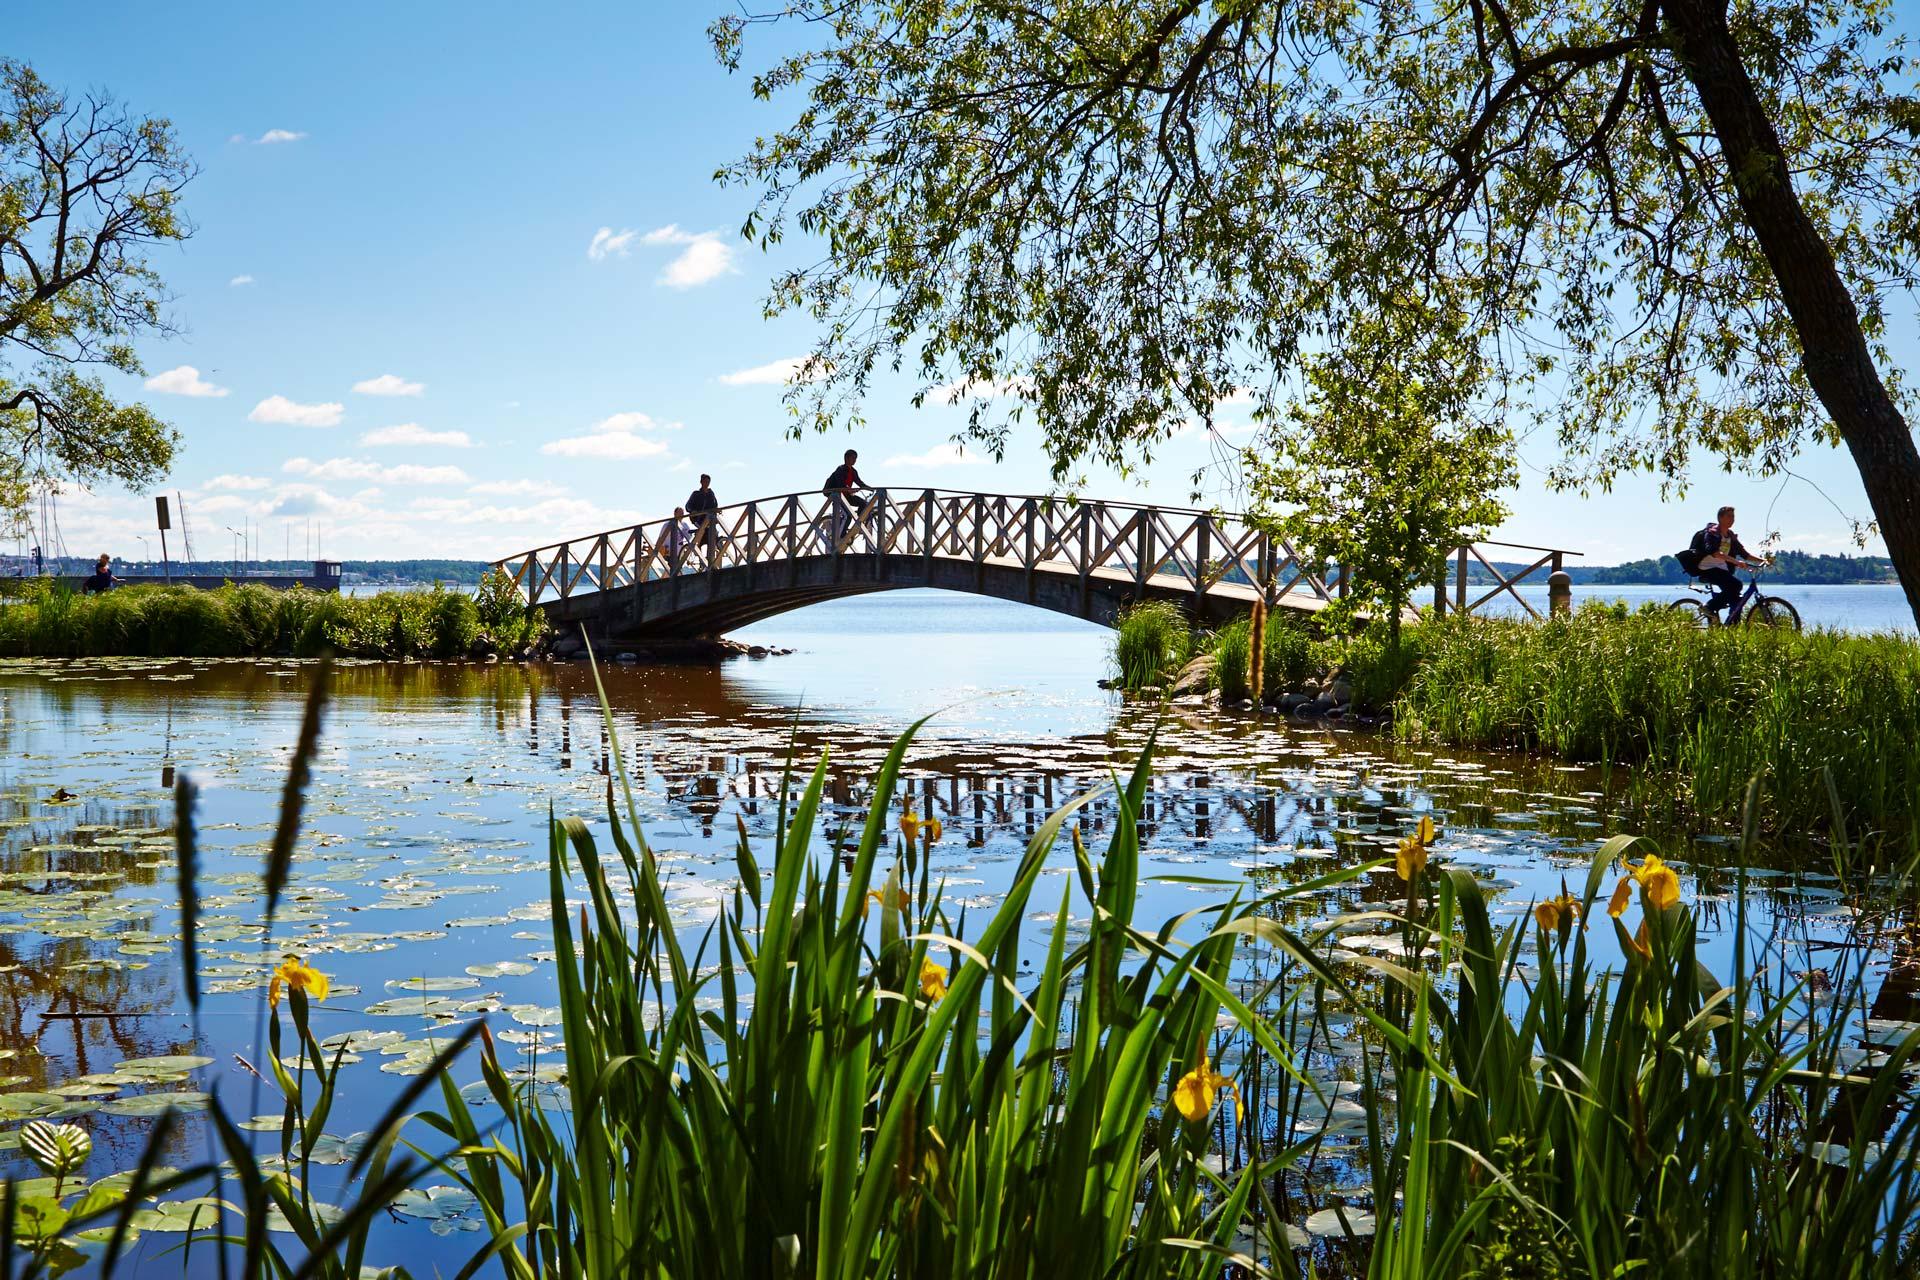 Cyklister cyklar över bro vid Mälaren i Västerås. Fotograf: Hans Nordlander